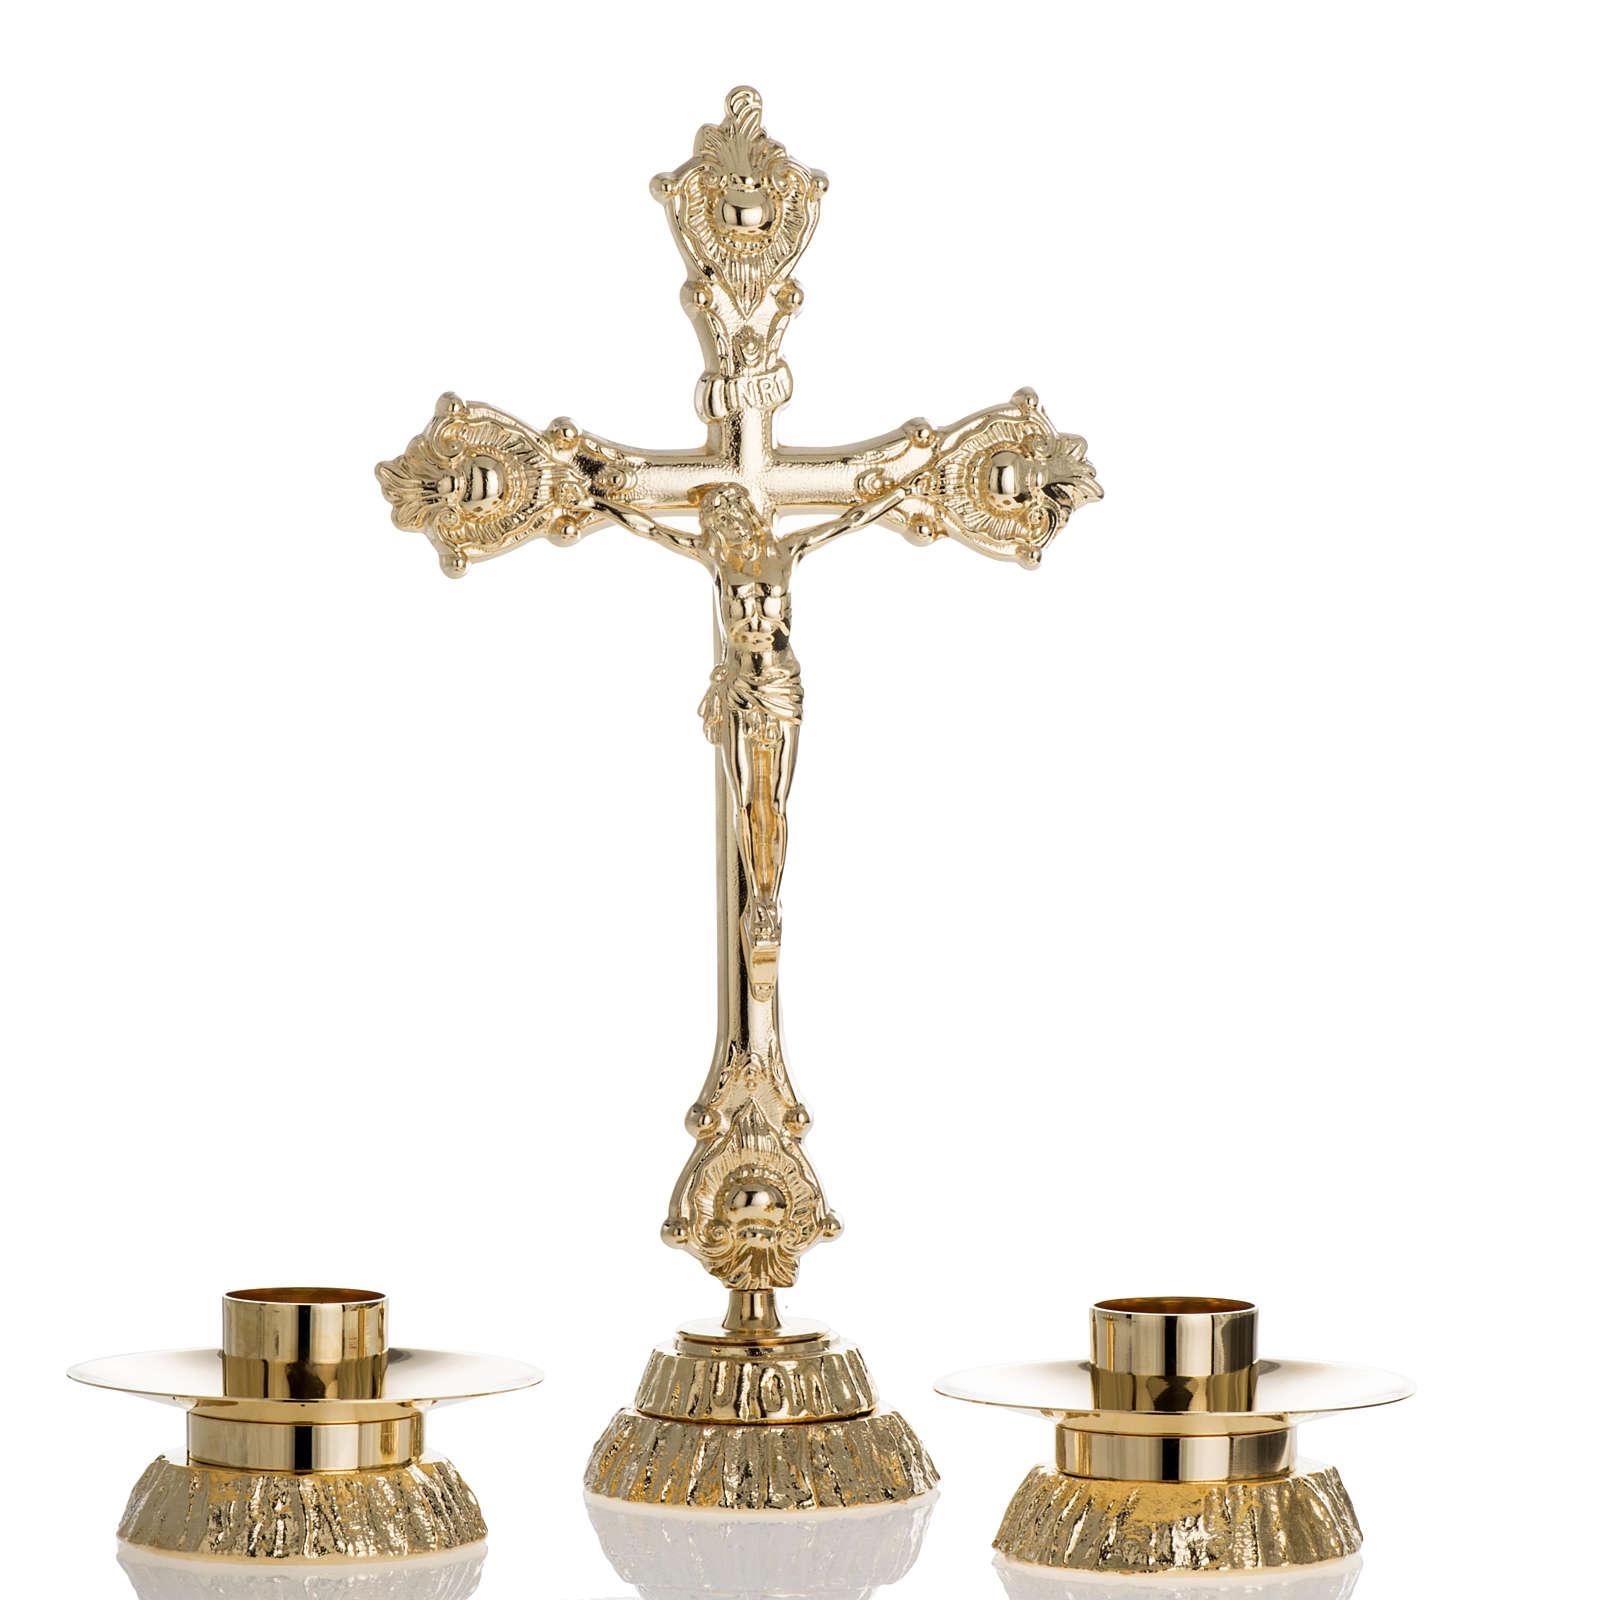 Completo para altar, candelabro y cruz en latón 4